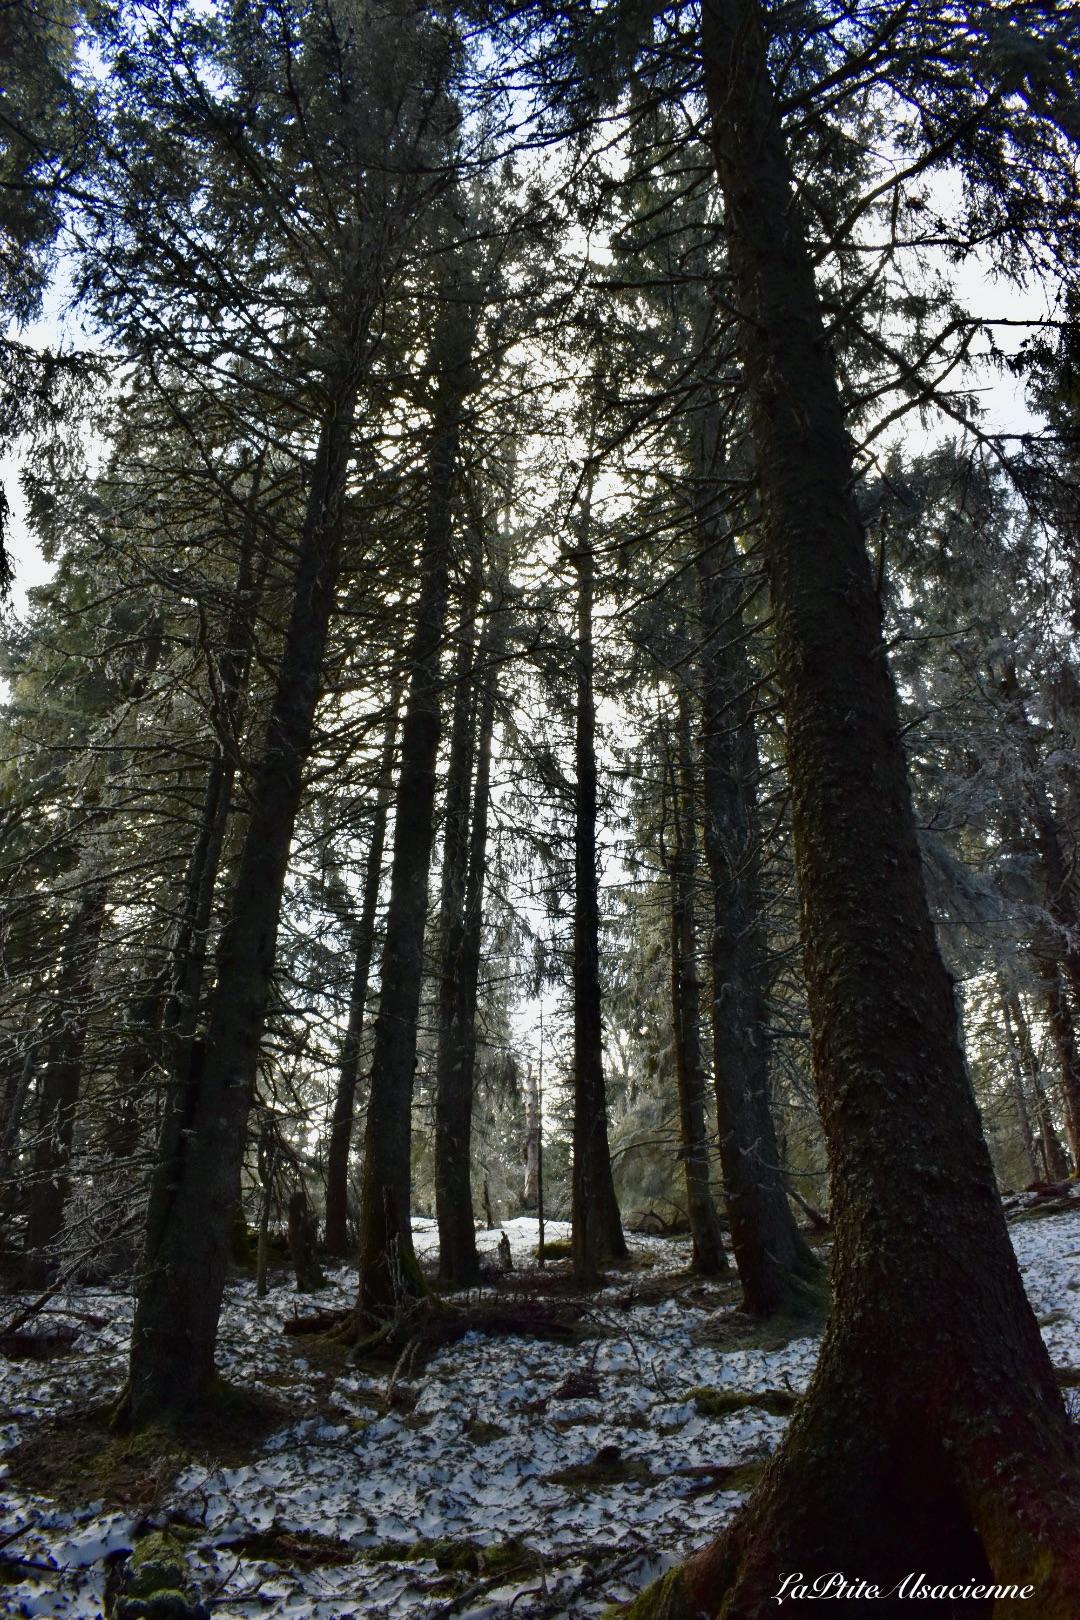 Sentier et arbres majestueux pour se rendre du Lac Blanc vers le Lac Noir